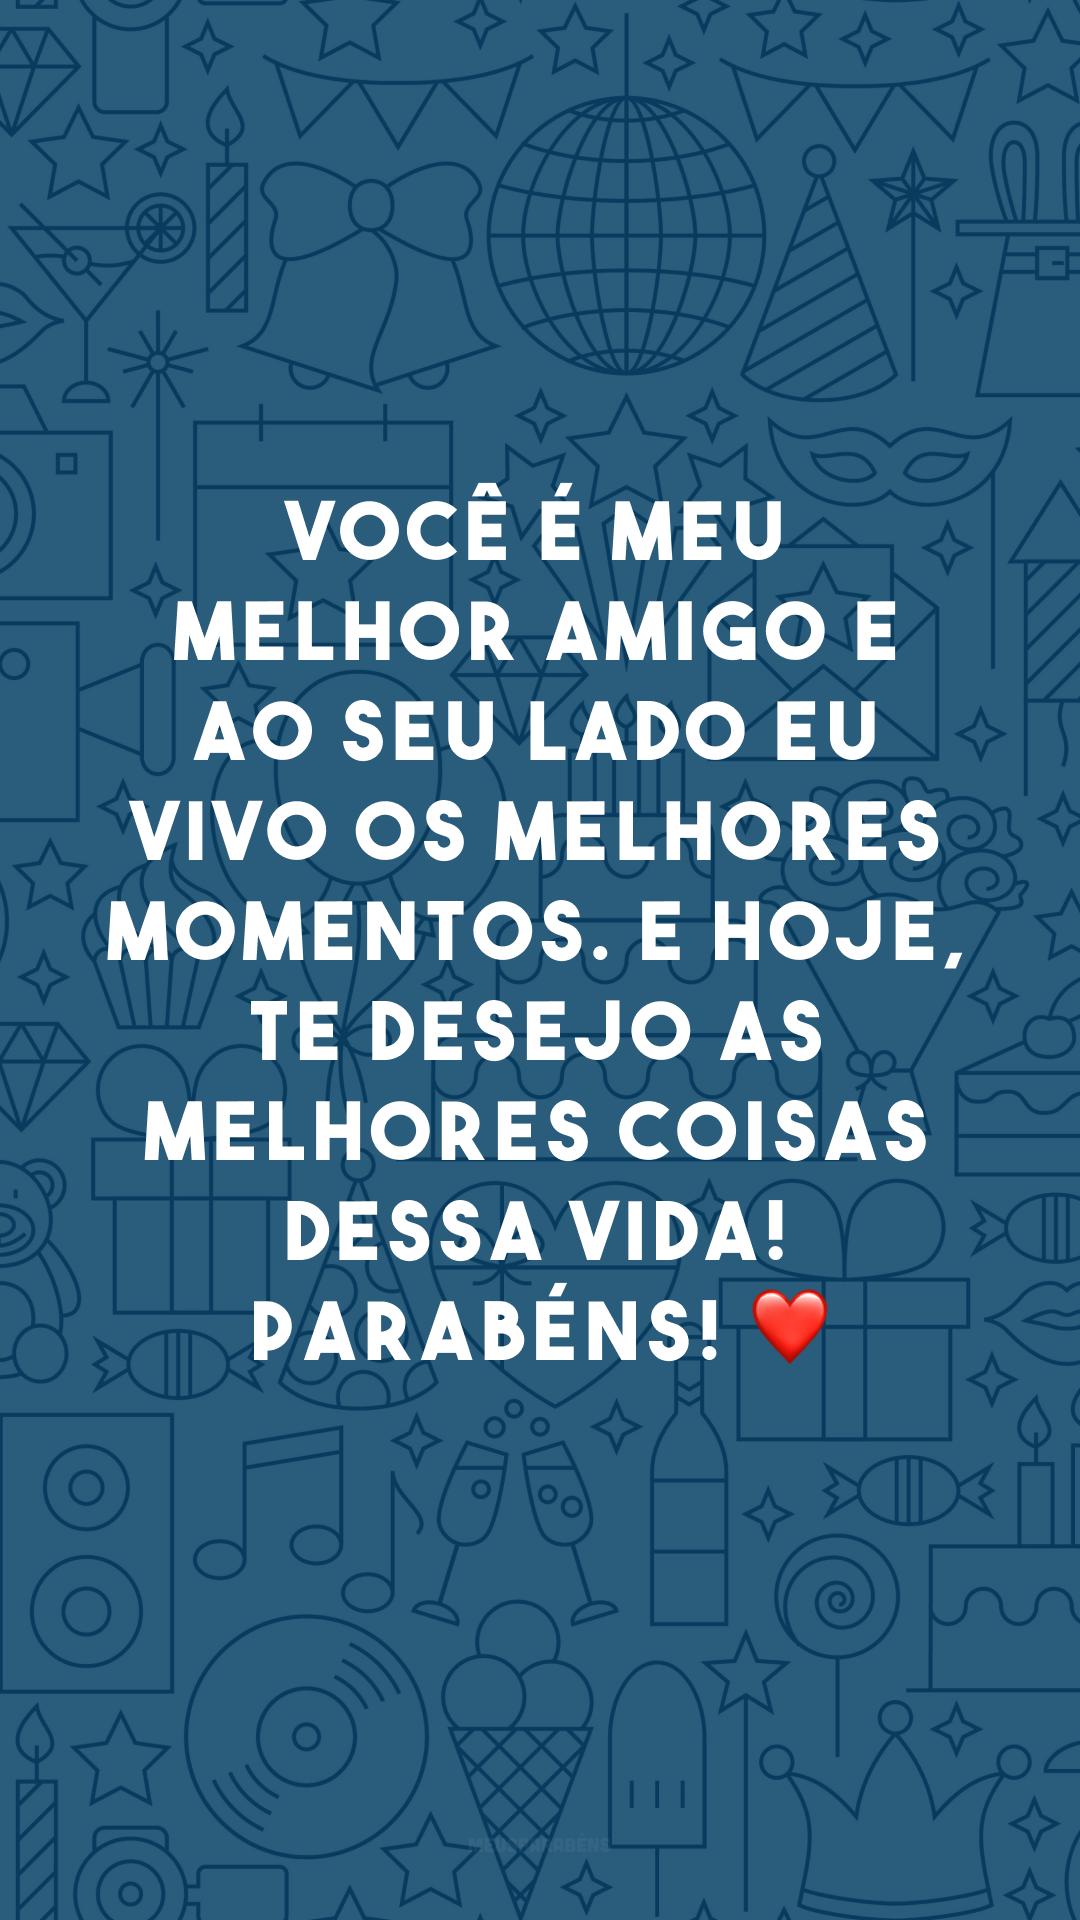 Você é meu melhor amigo e ao seu lado eu vivo os melhores momentos. E hoje, te desejo as melhores coisas dessa vida! Parabéns! ❤